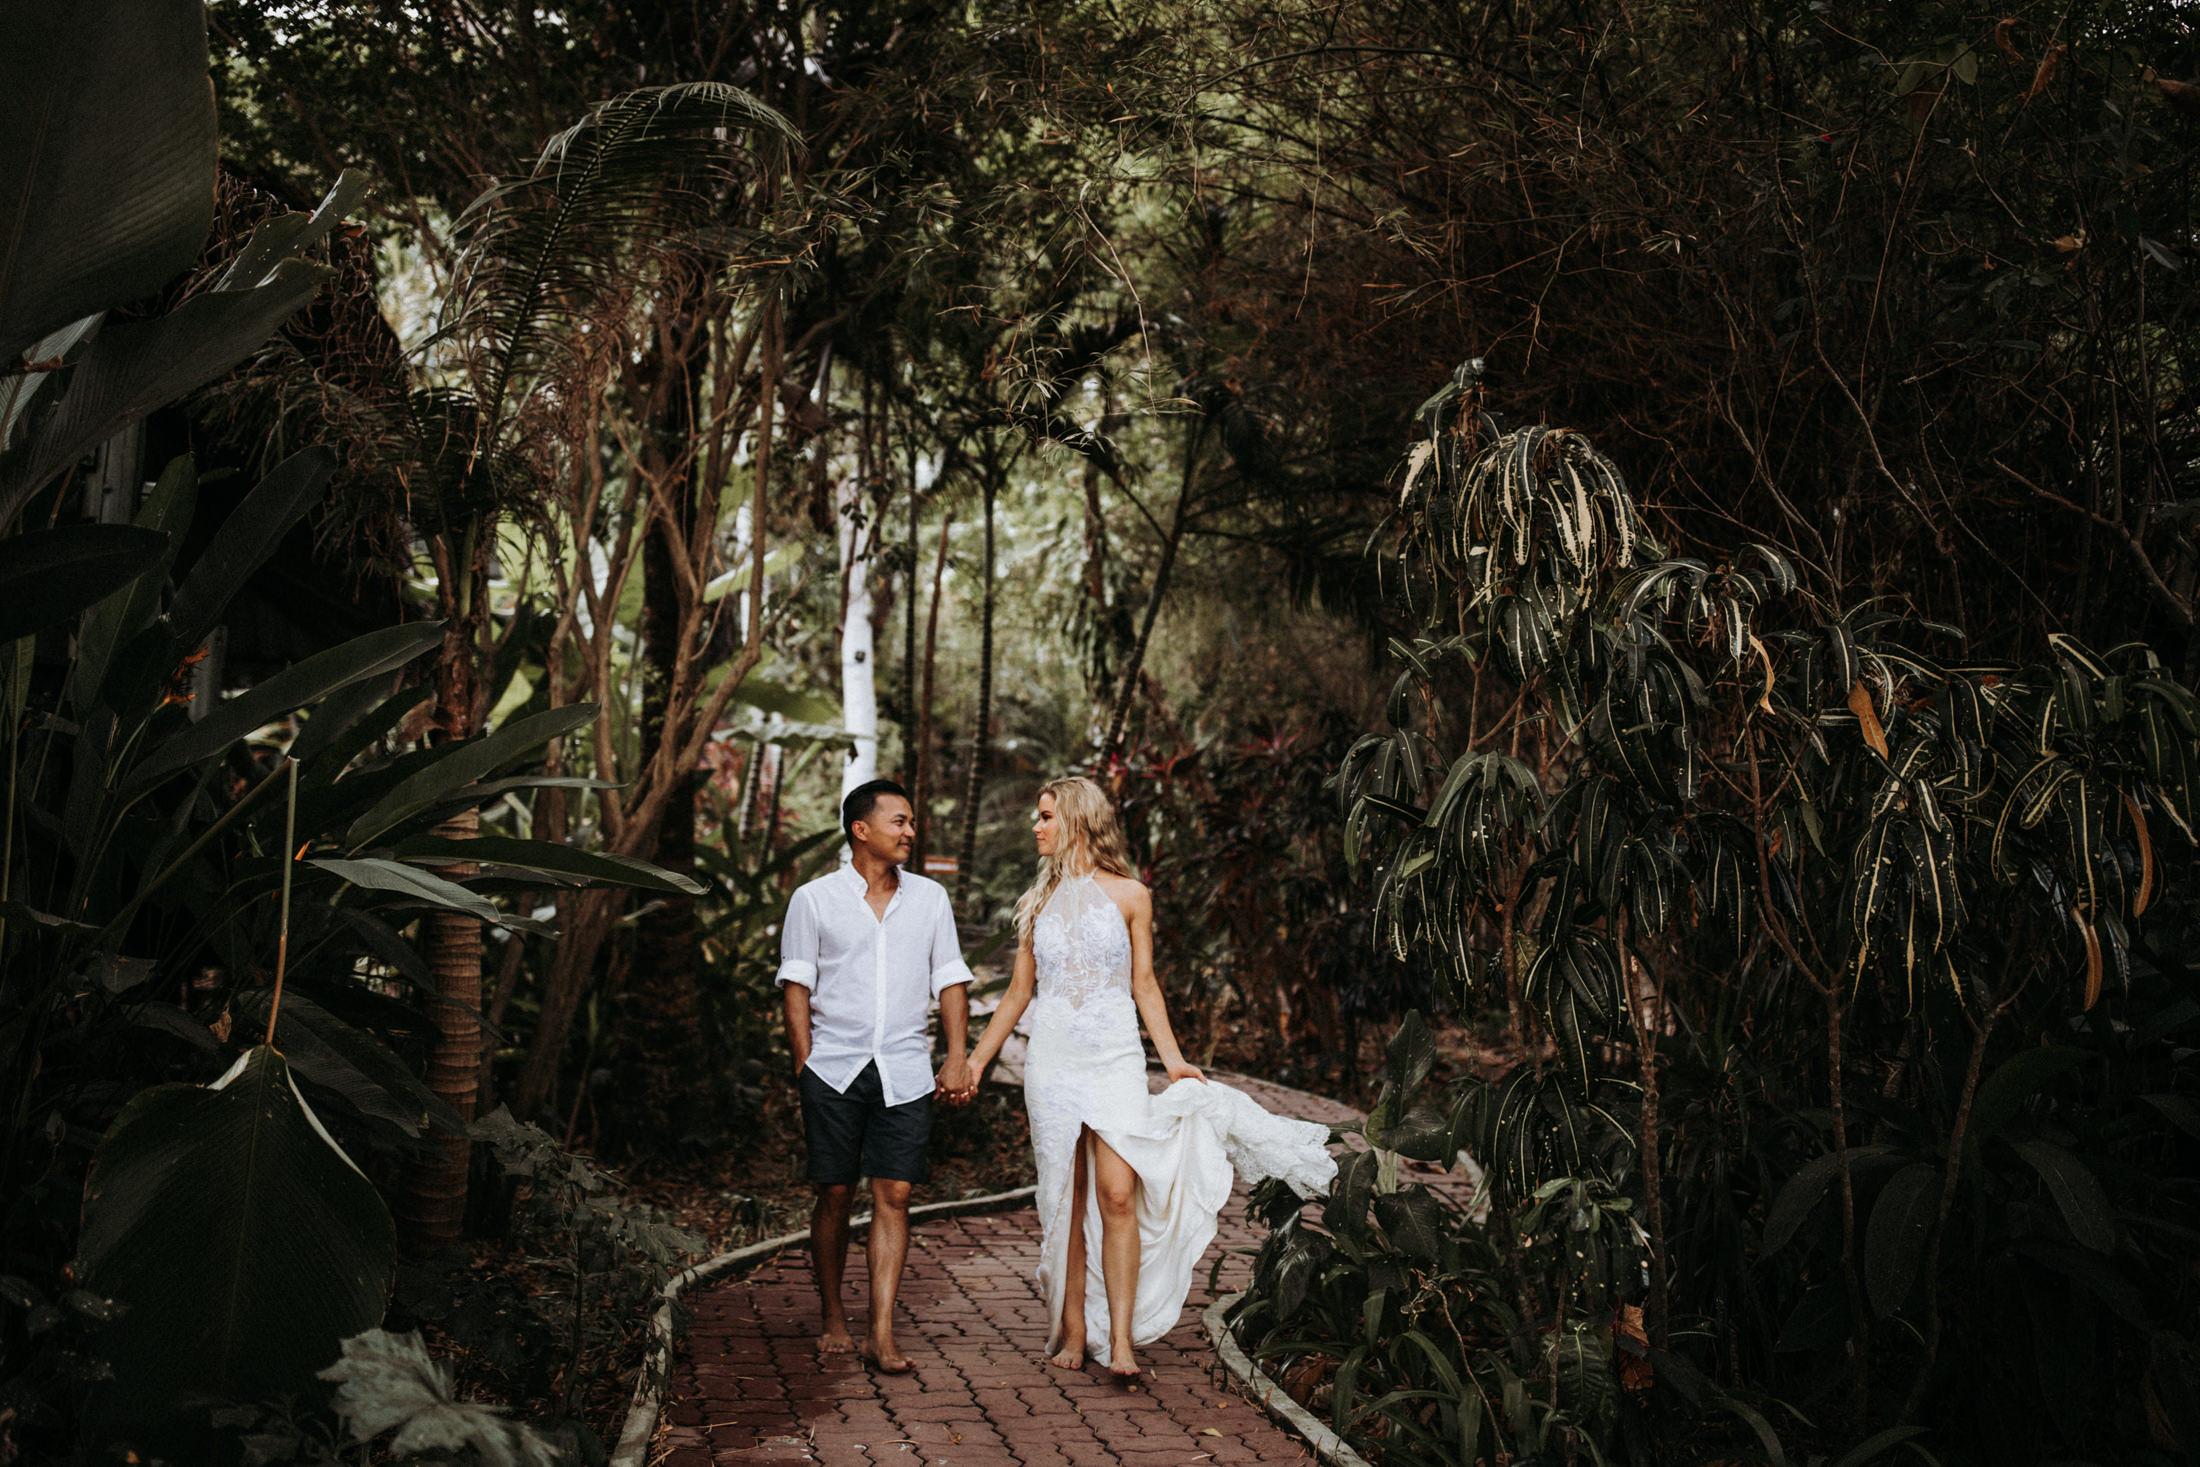 DanielaMarquardt_Wedding_Thailand_453